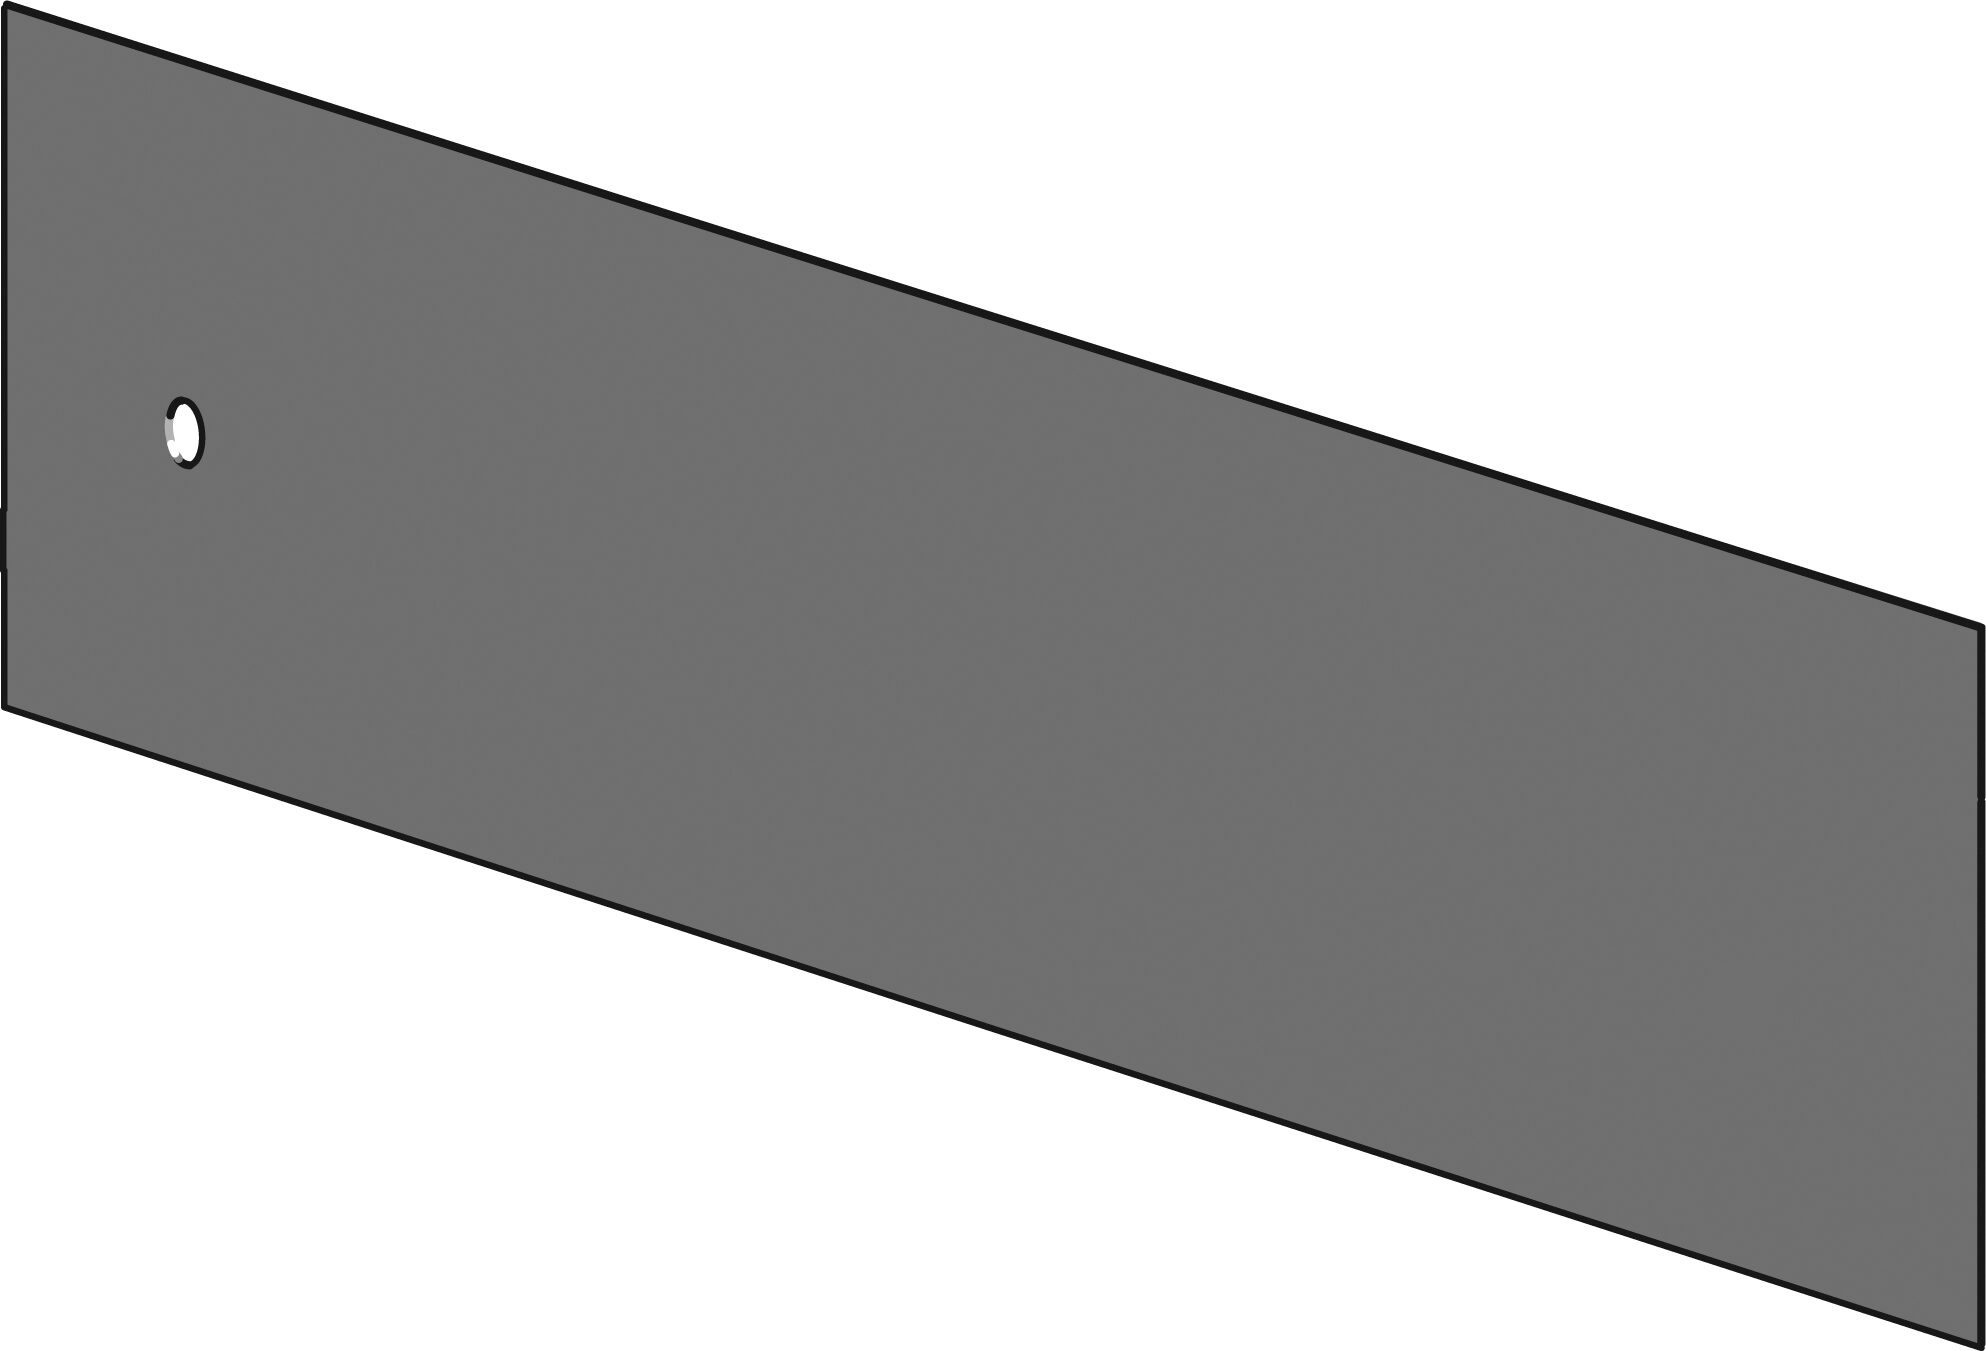 HAZET Trennbleche 161T-347X120/5 ∙ Anzahl Werkzeuge: 5